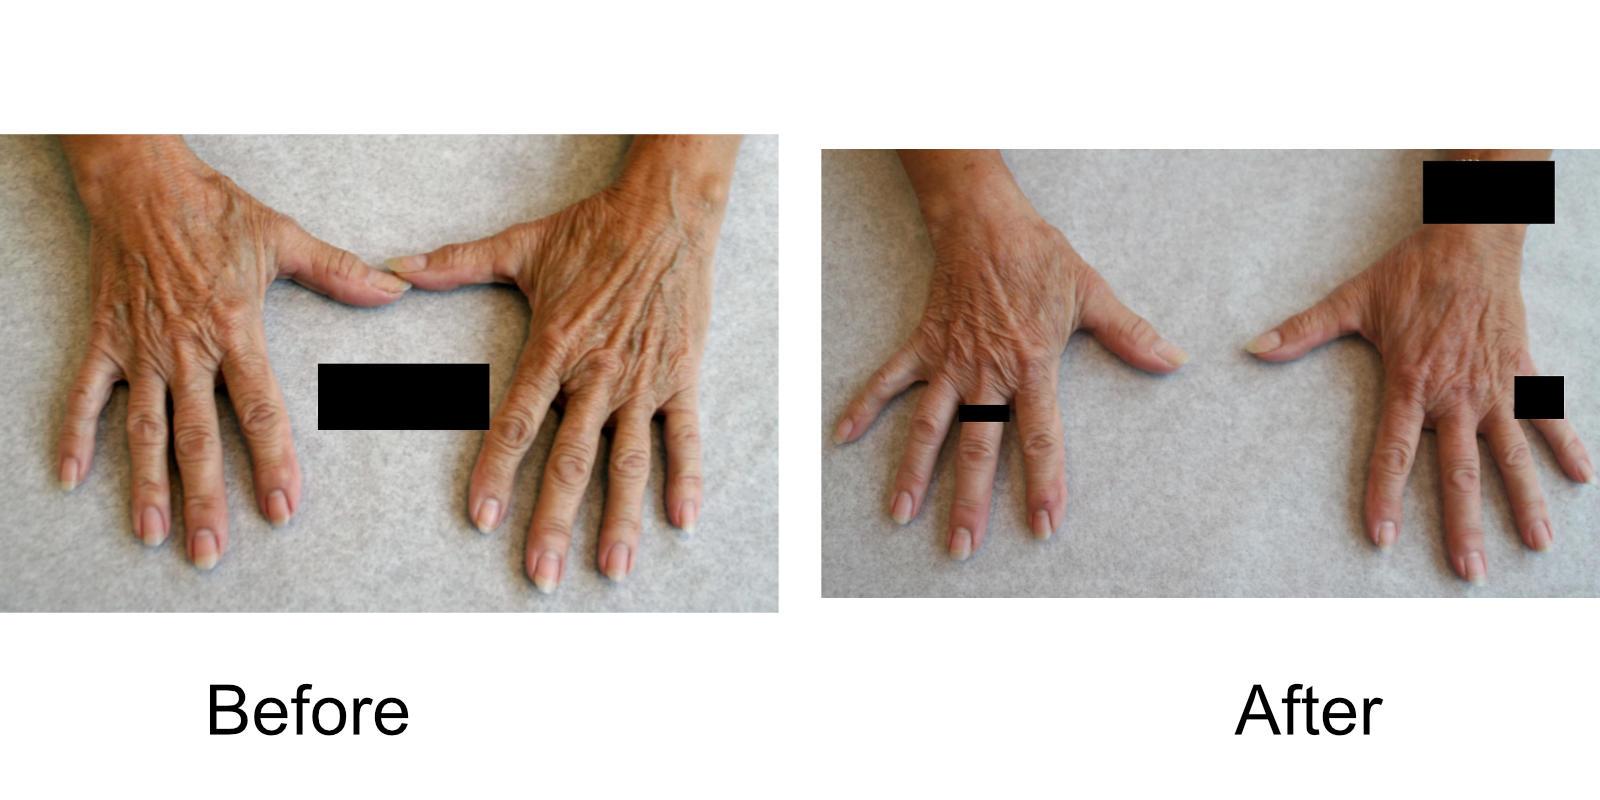 hand-veins-comparison-09